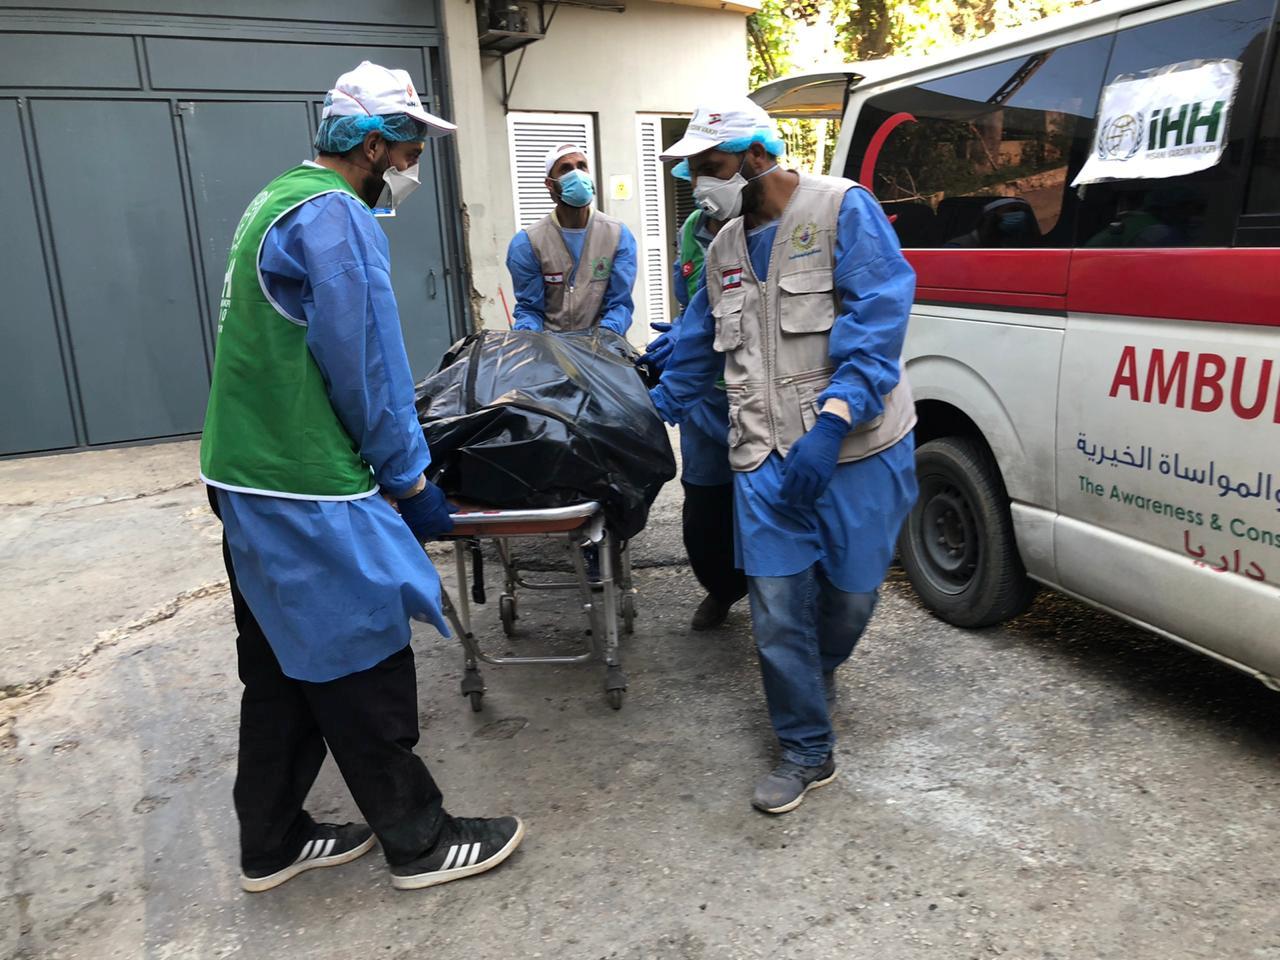 Le bilan s'alourdit à Beyrouth, 135 morts et près de 5.000 blessés